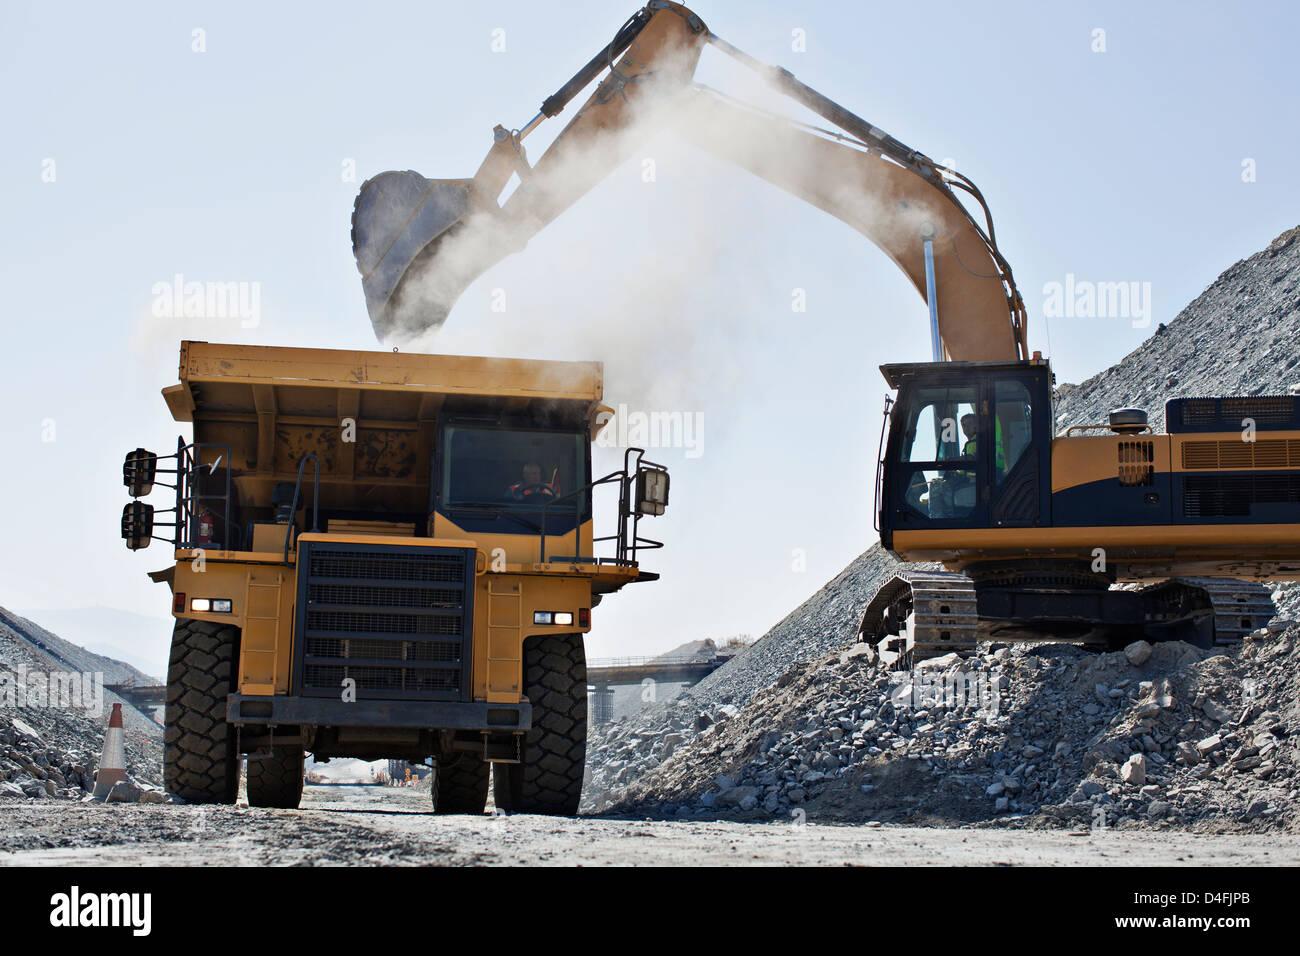 Digger et camion travaillant dans une carrière Photo Stock